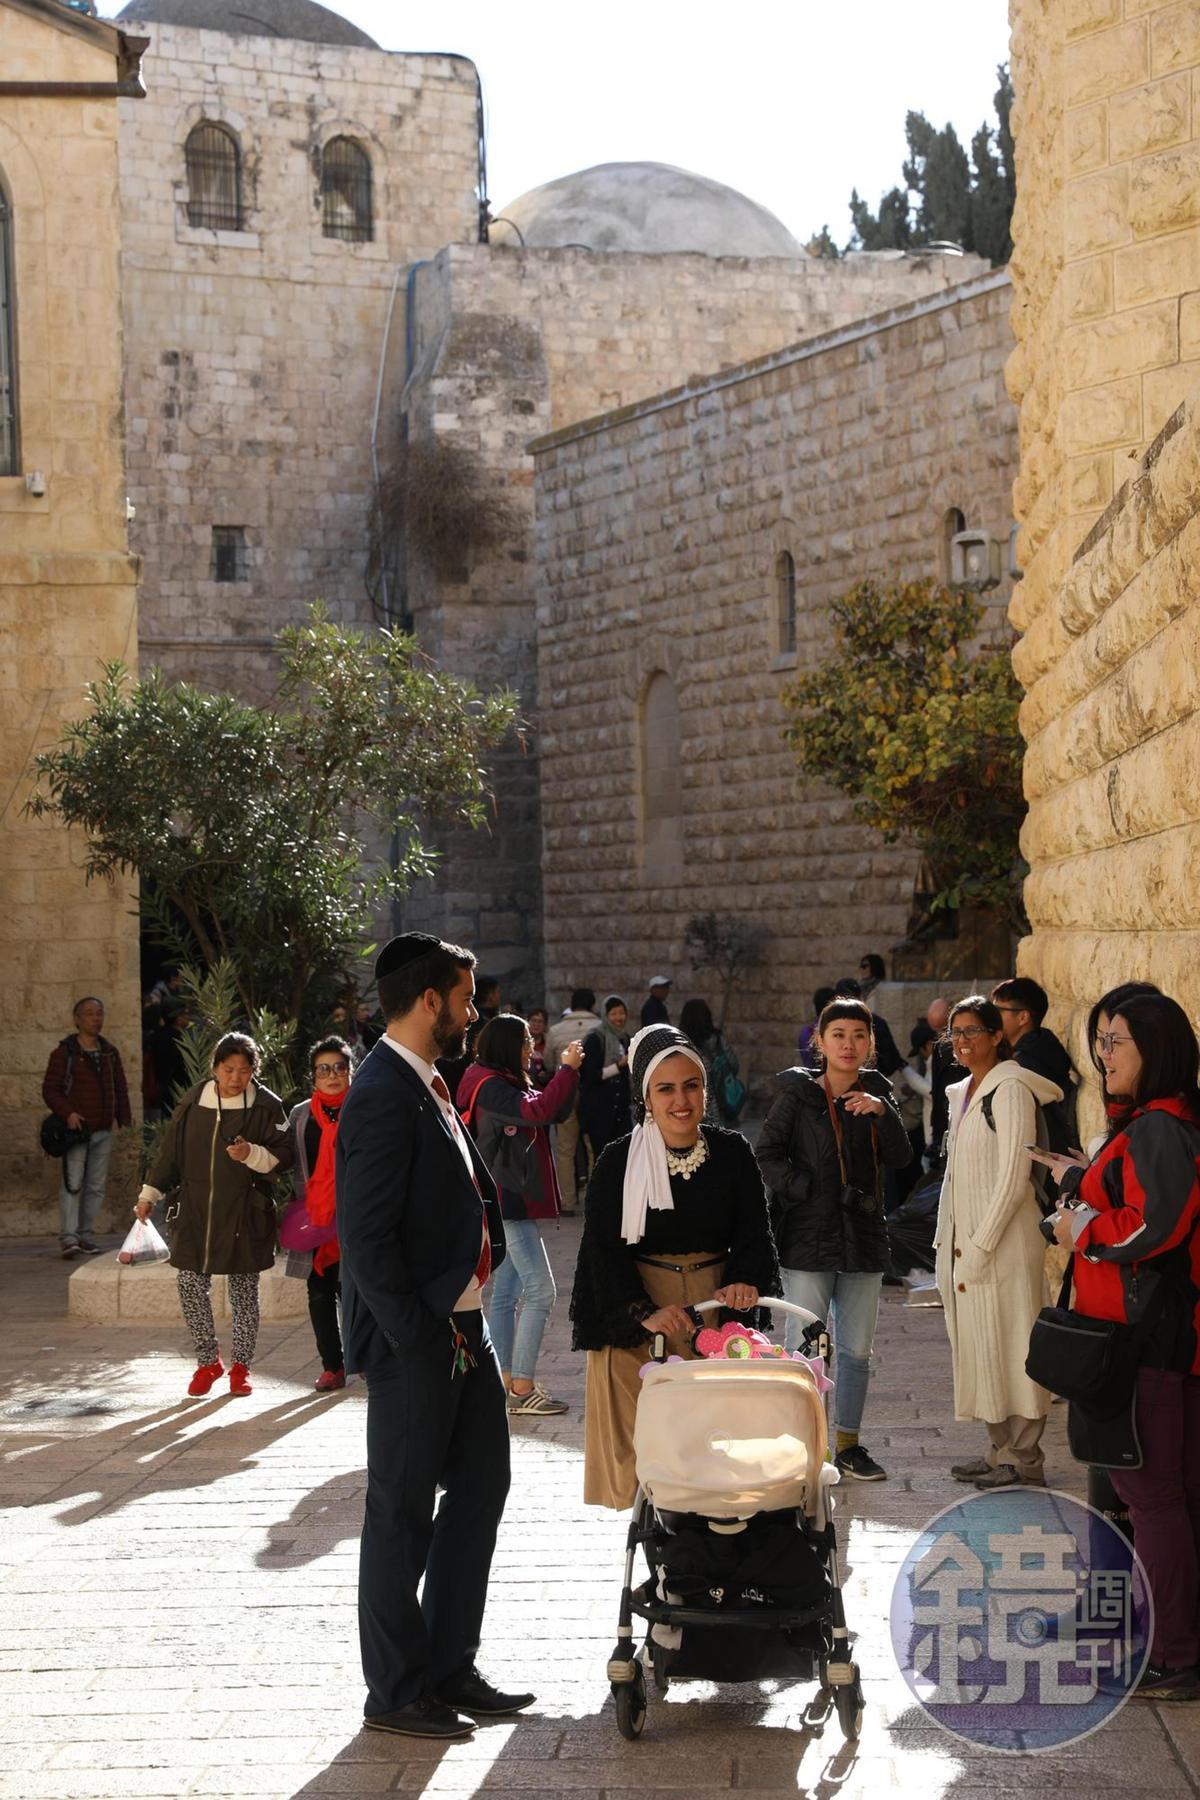 安息日的耶路撒冷街頭,常見一起出門同遊的小夫妻。